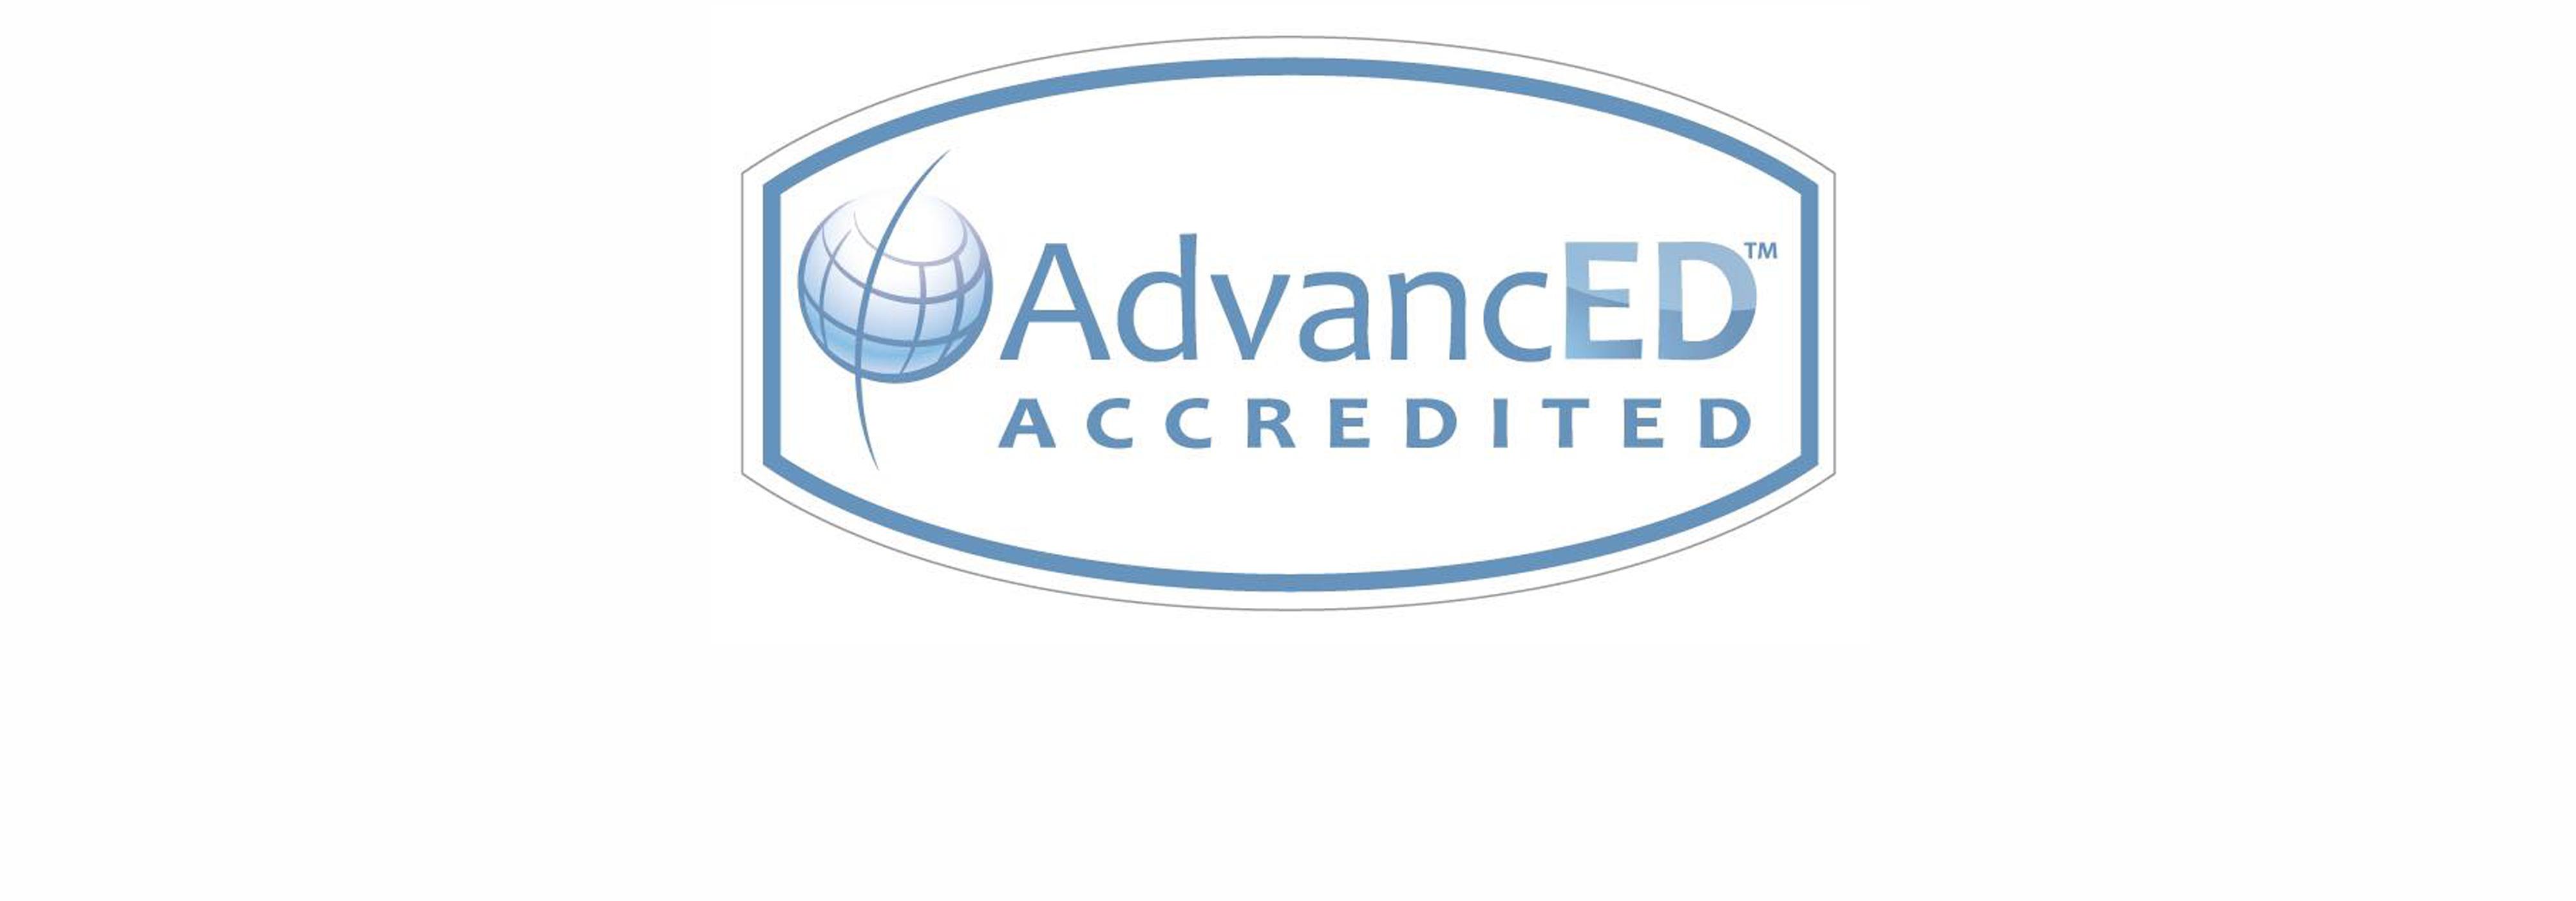 advancededslide1